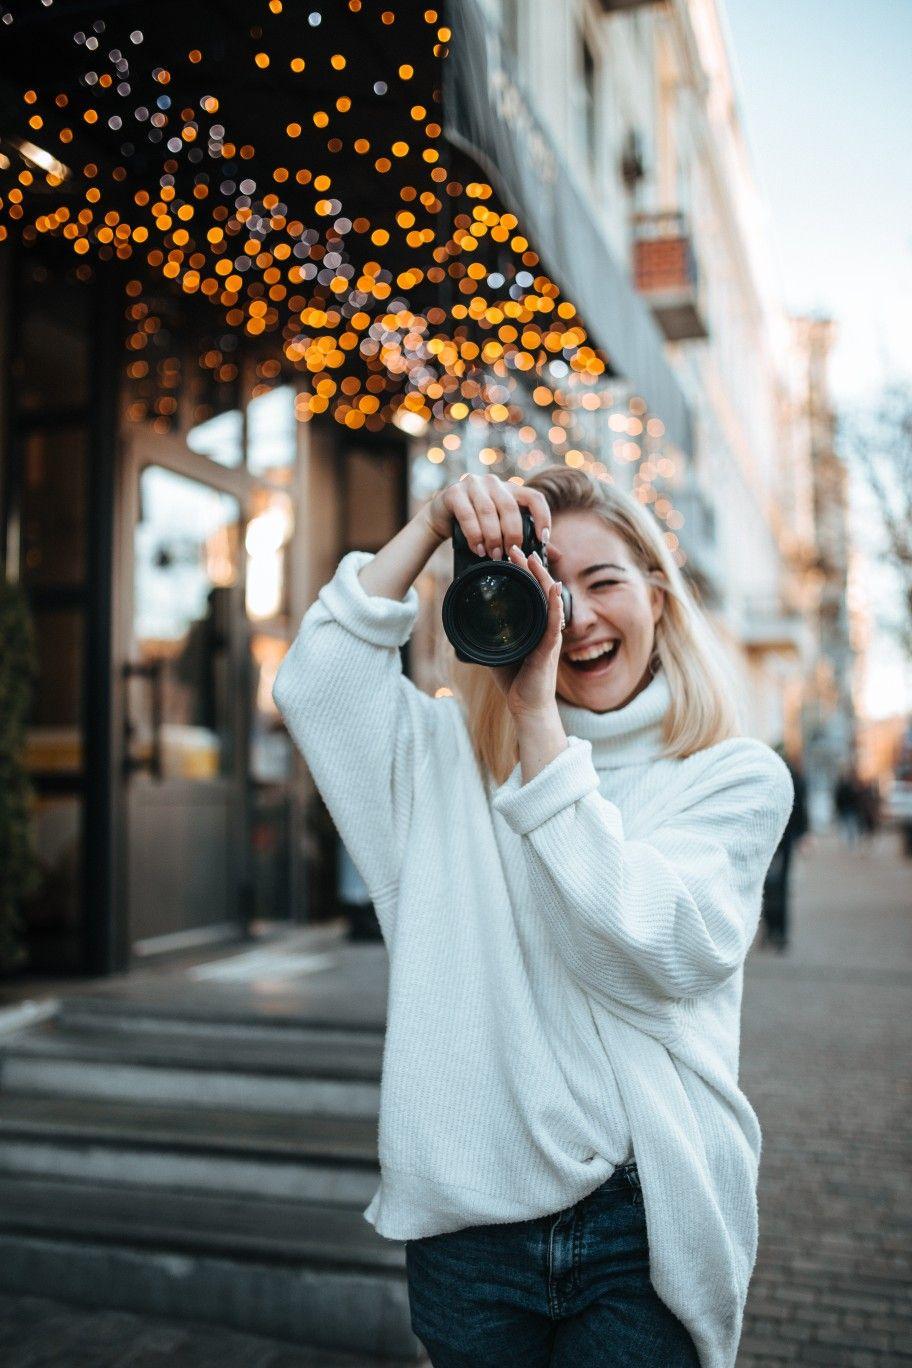 работы фотографа фото девушек